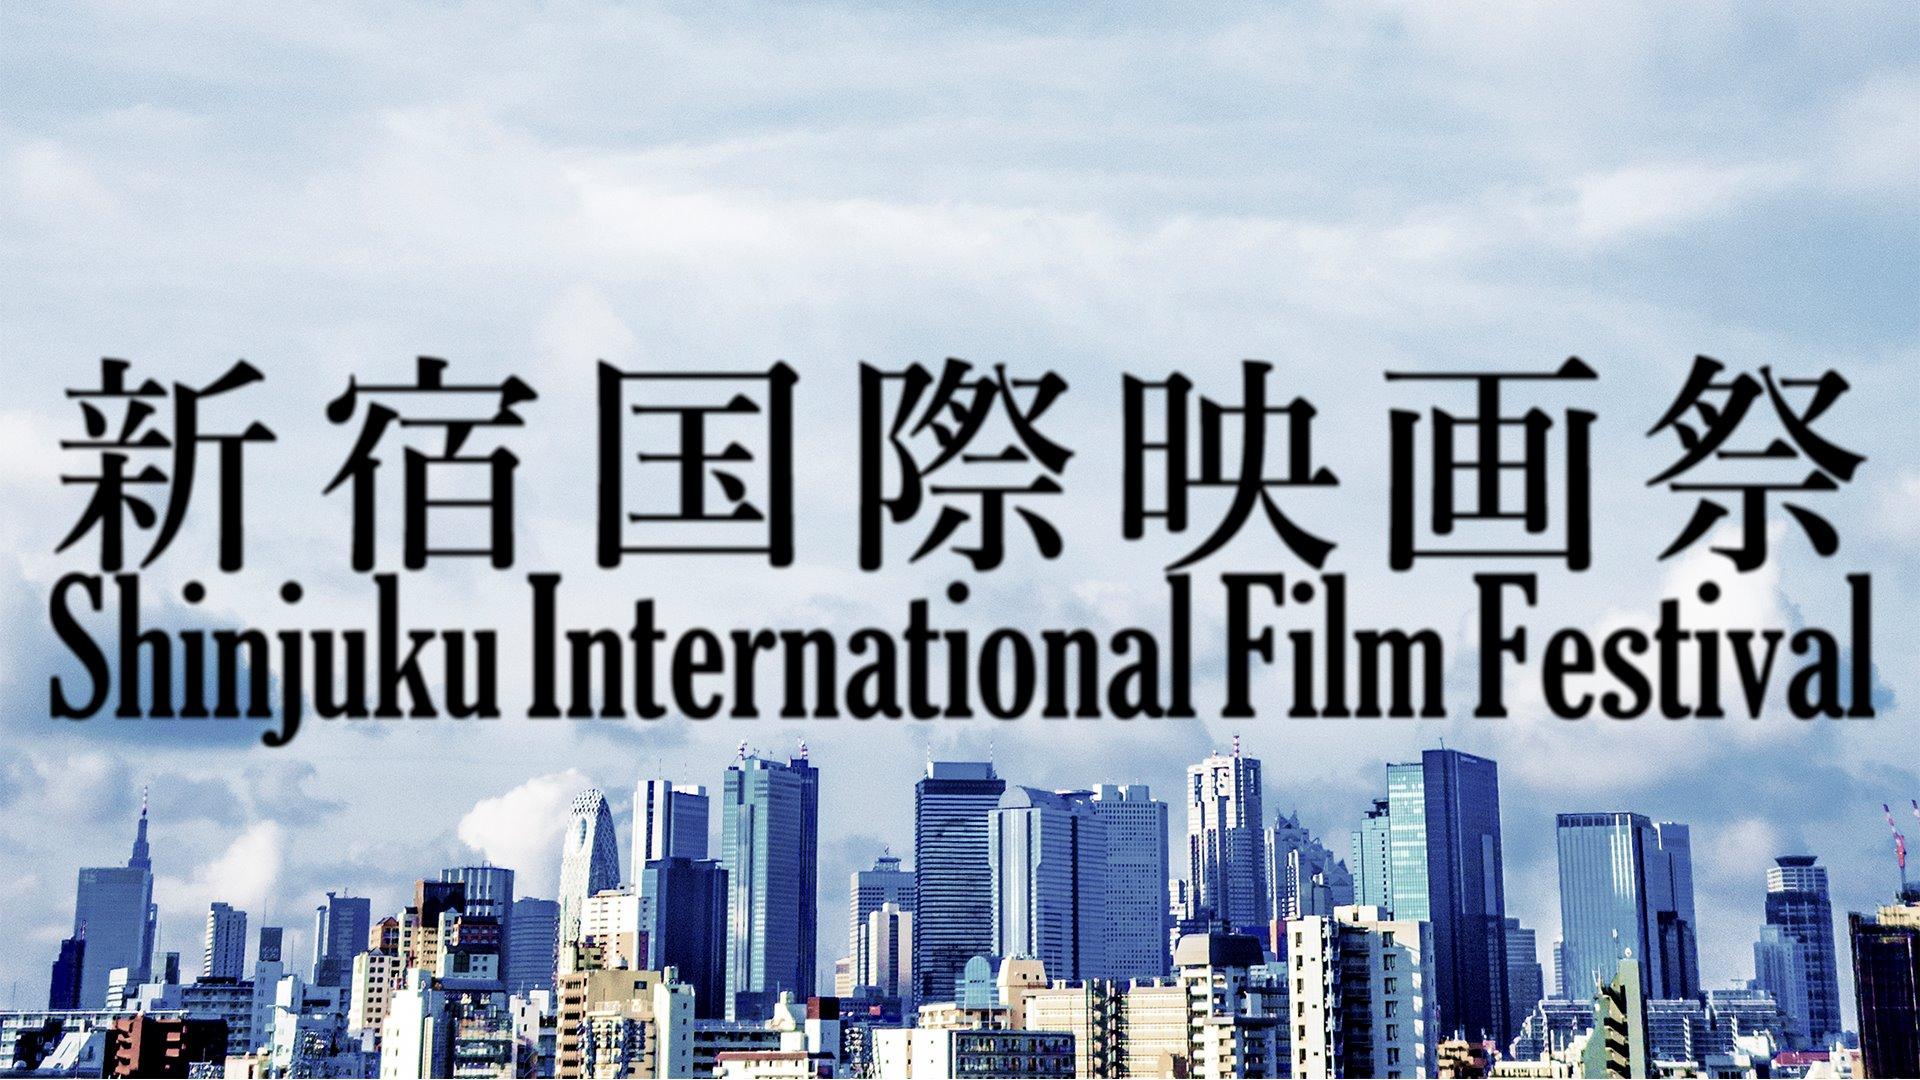 早くも開催決定!! 第2回新宿国際映画祭 【今週のおすすめイベント】